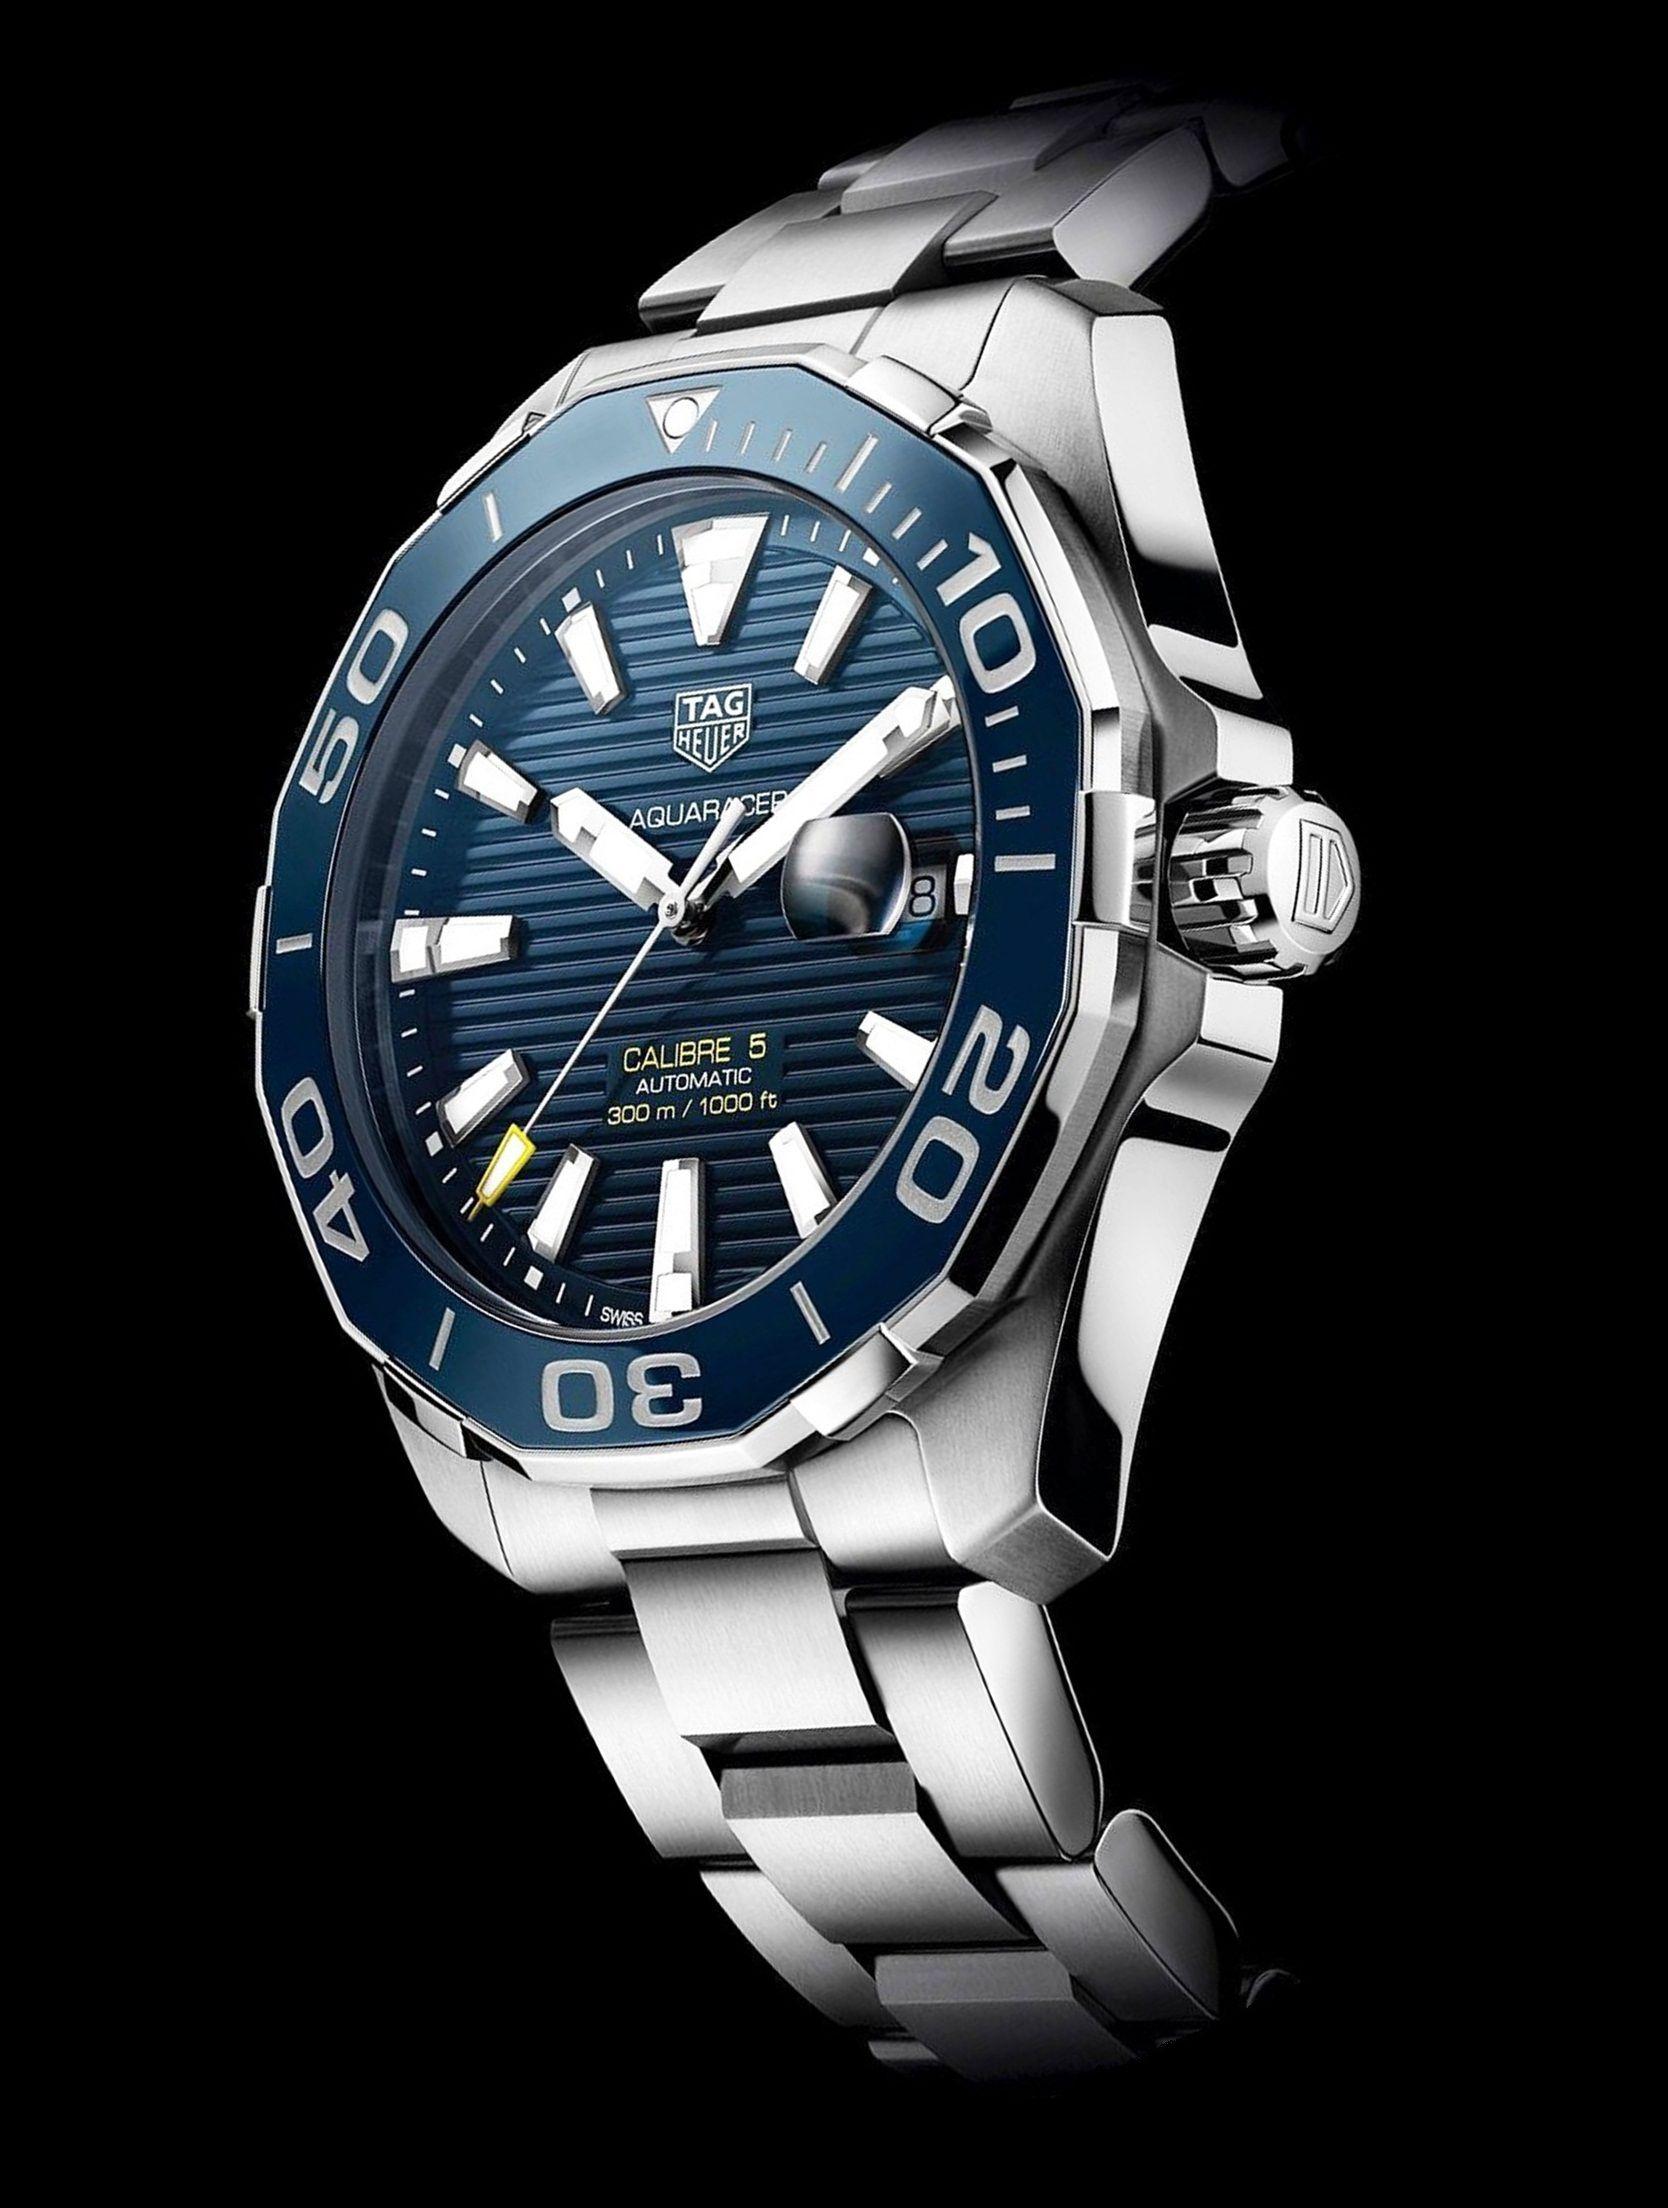 TAG Heuer Aquaracer 300M Calibre 5 43 mm – Azul Reloj Tag ...